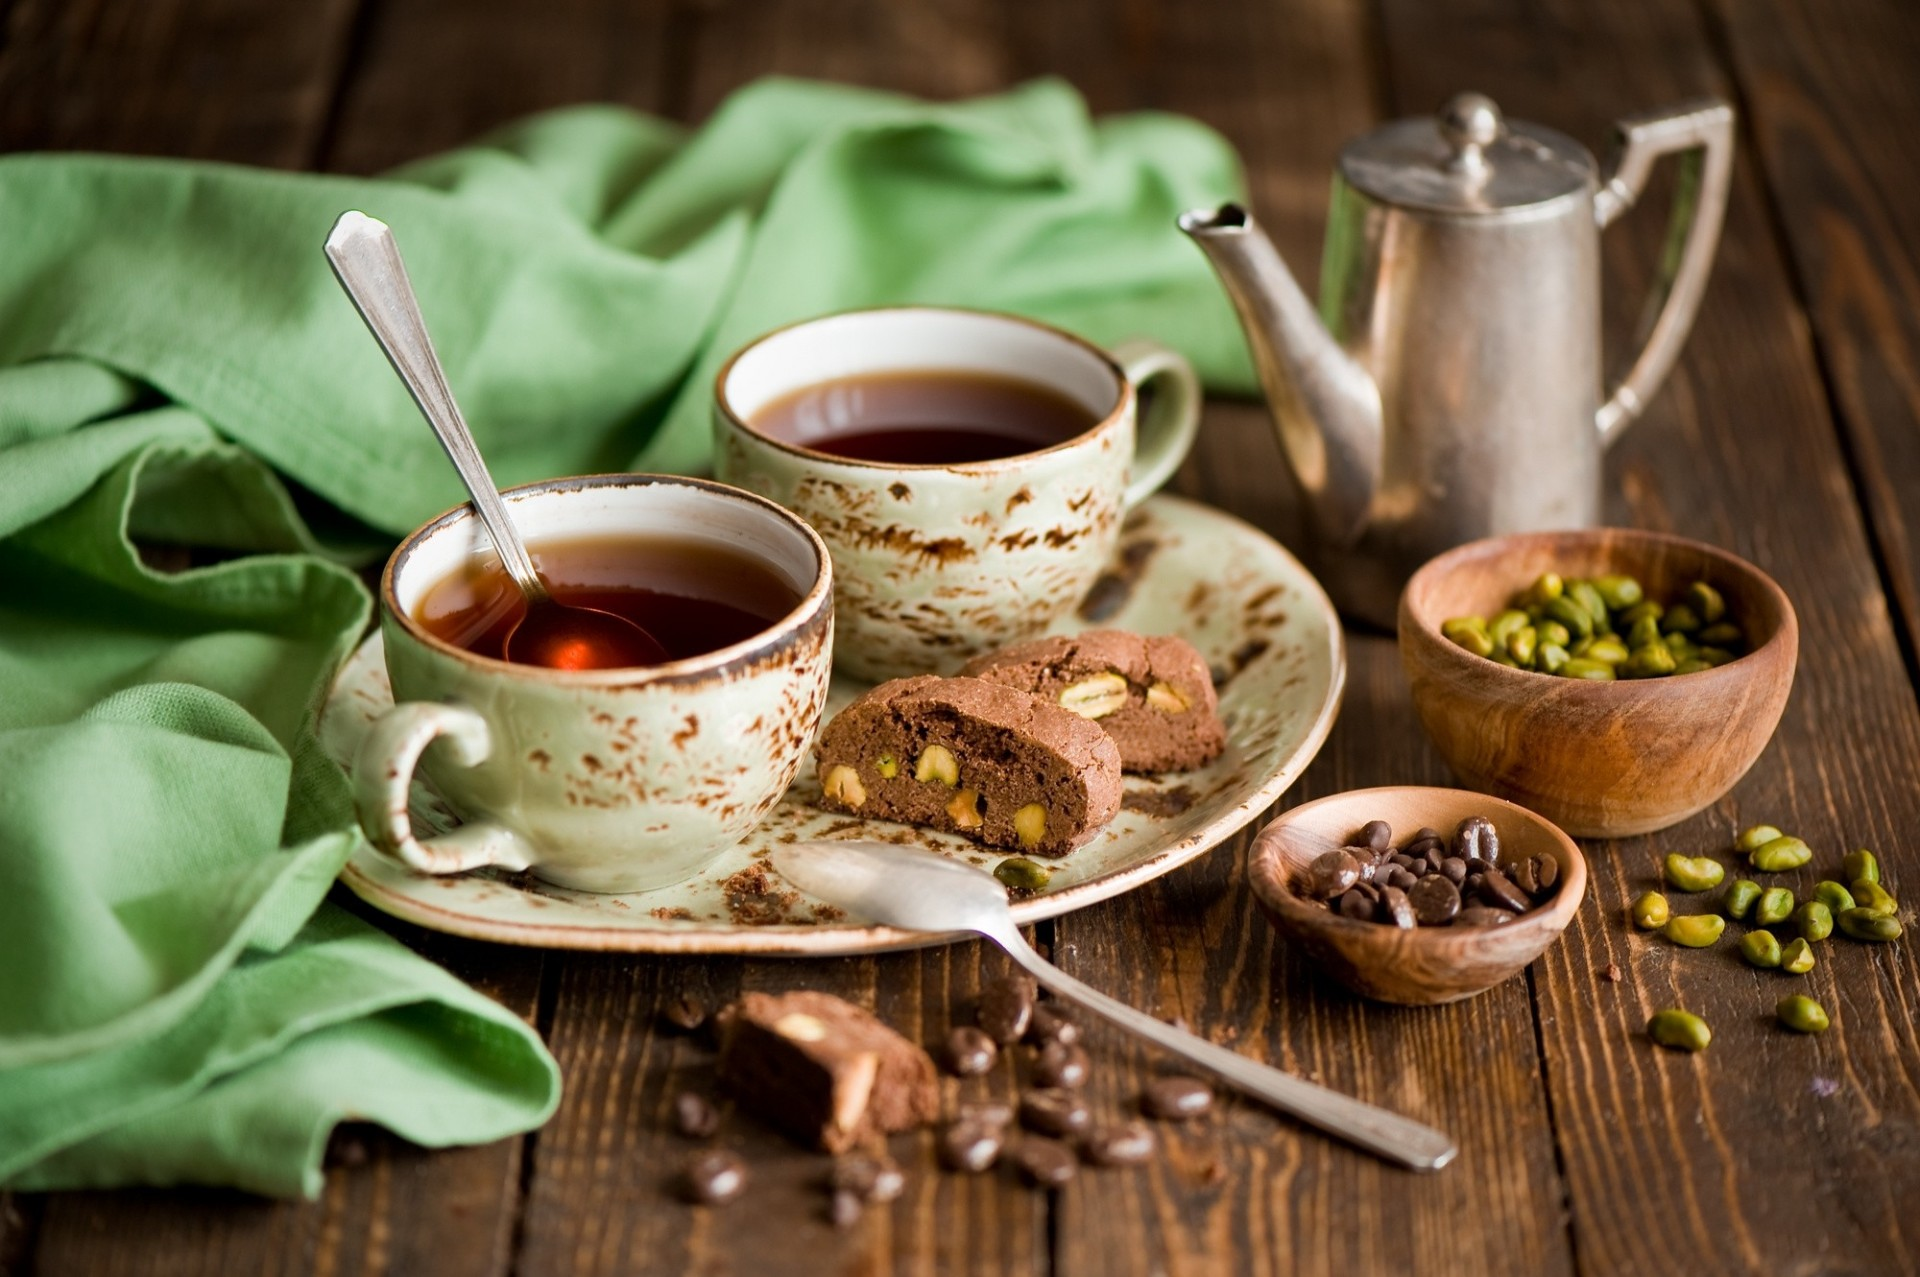 Чай и сухофрукты  № 674179 бесплатно